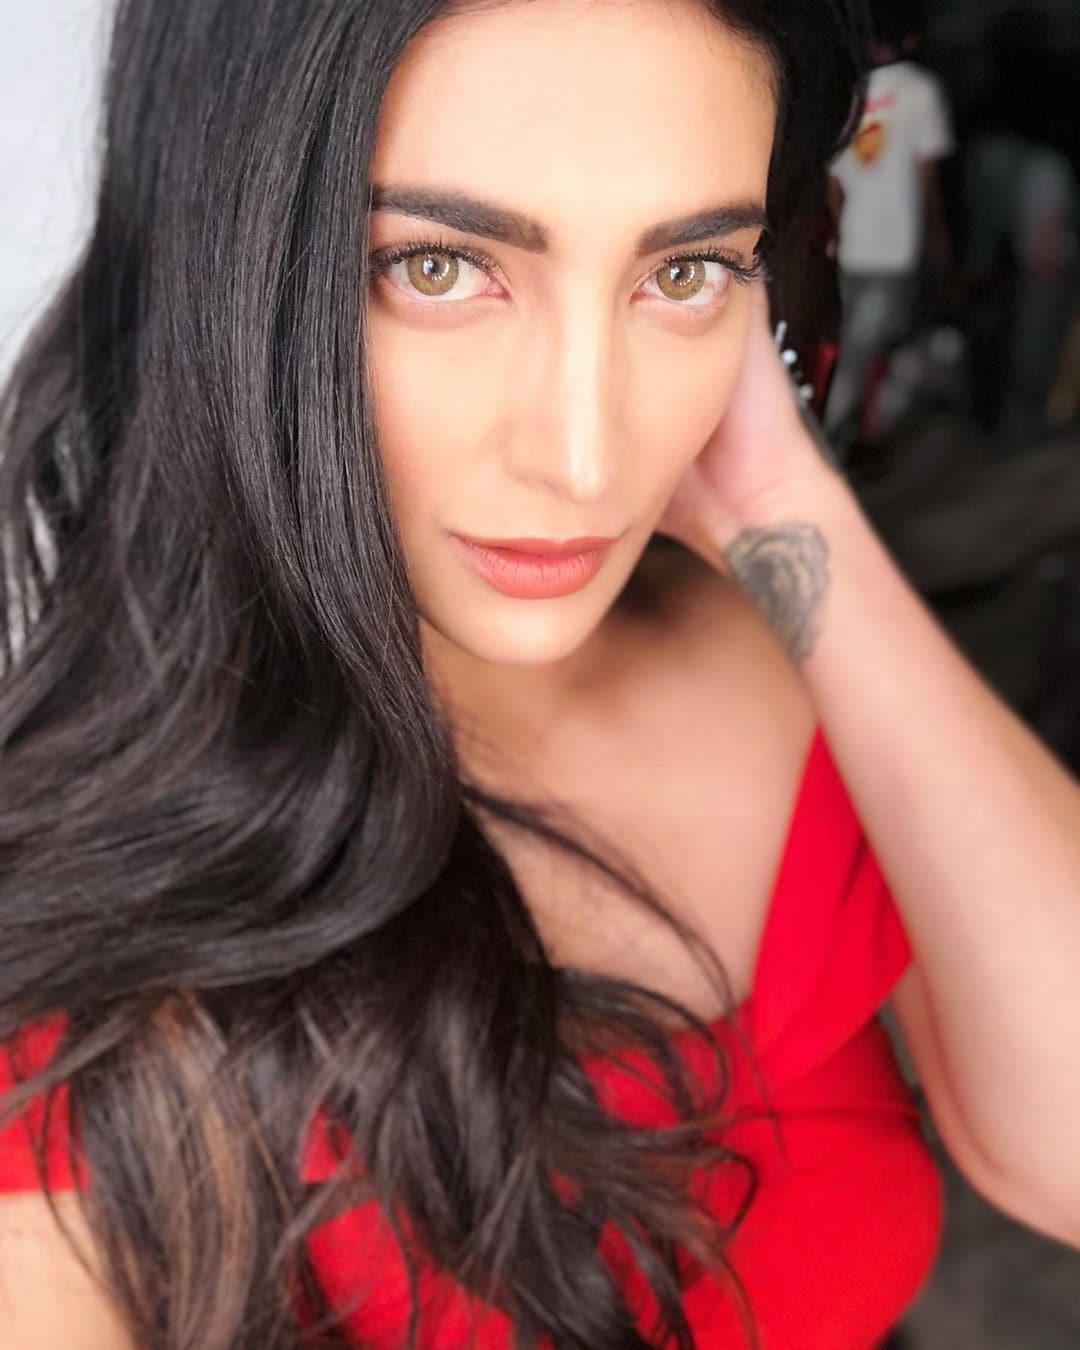 శృతి హాసన్ ఫోటోస్.. Photo: Instagram.com/shrutzhaasan/